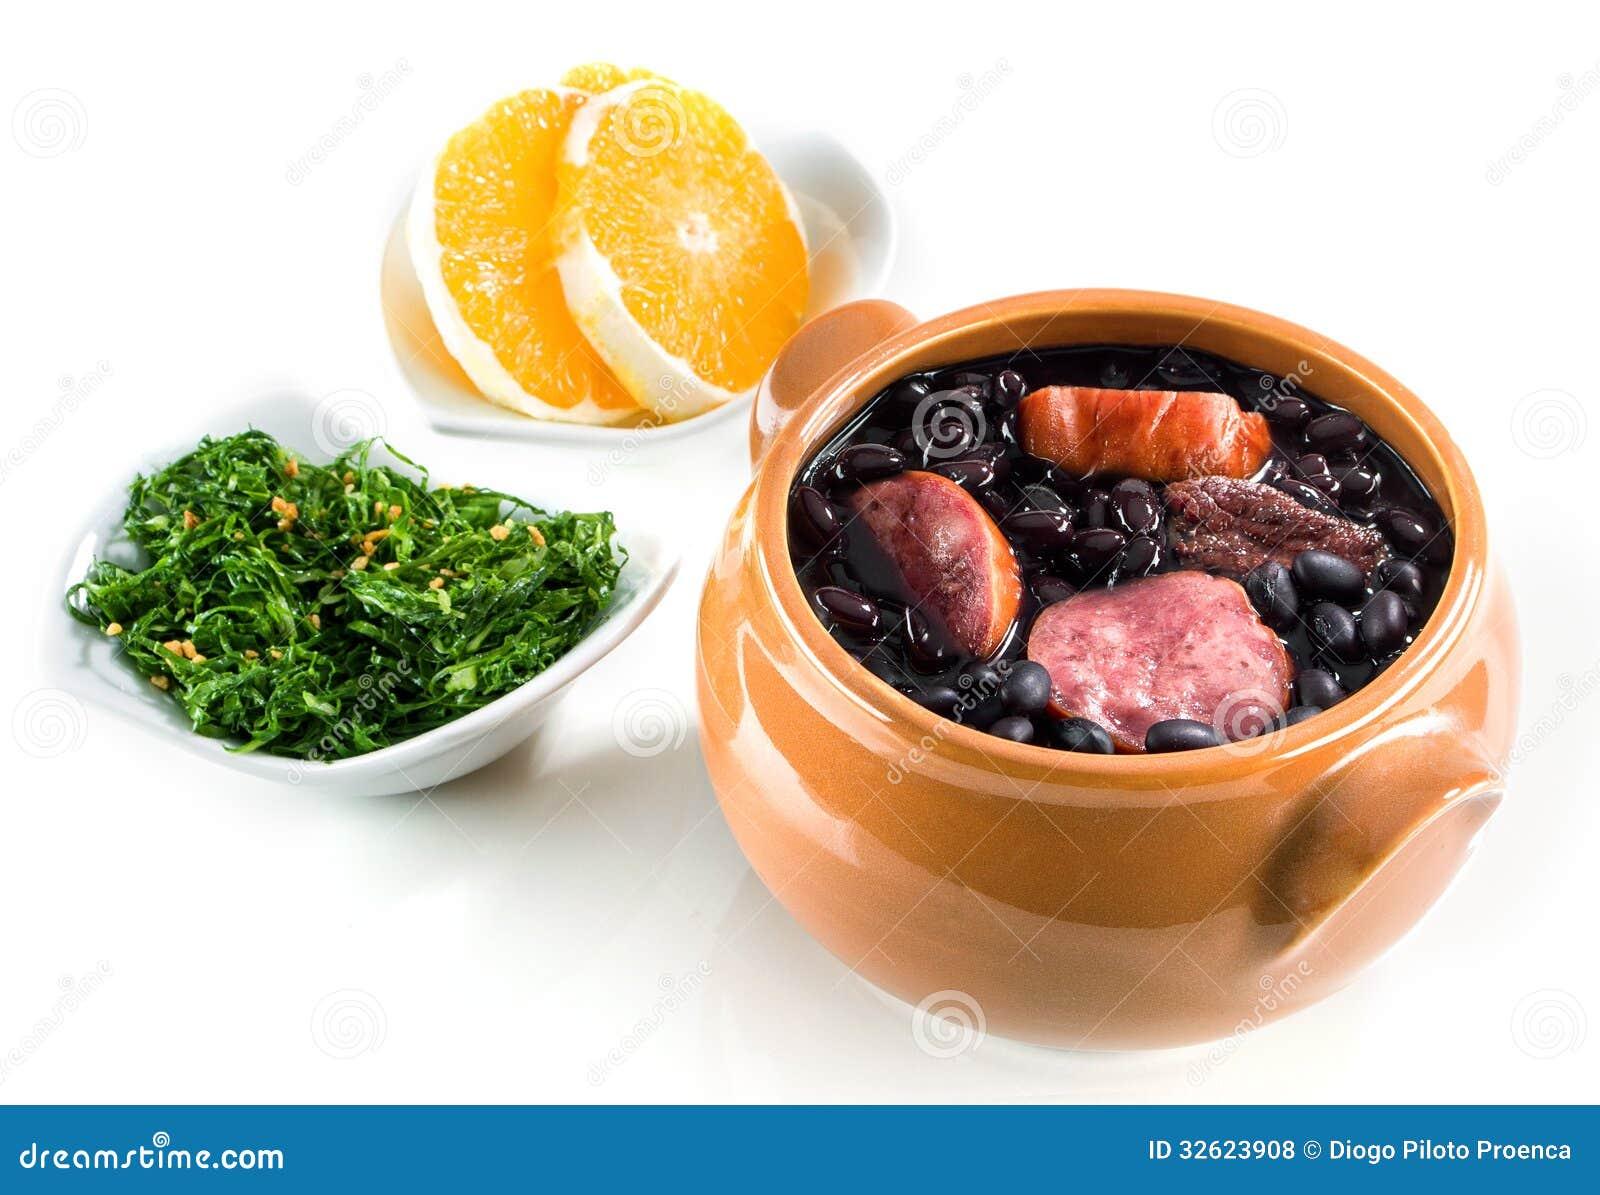 Feijoada, refeição tradicional brasileira.